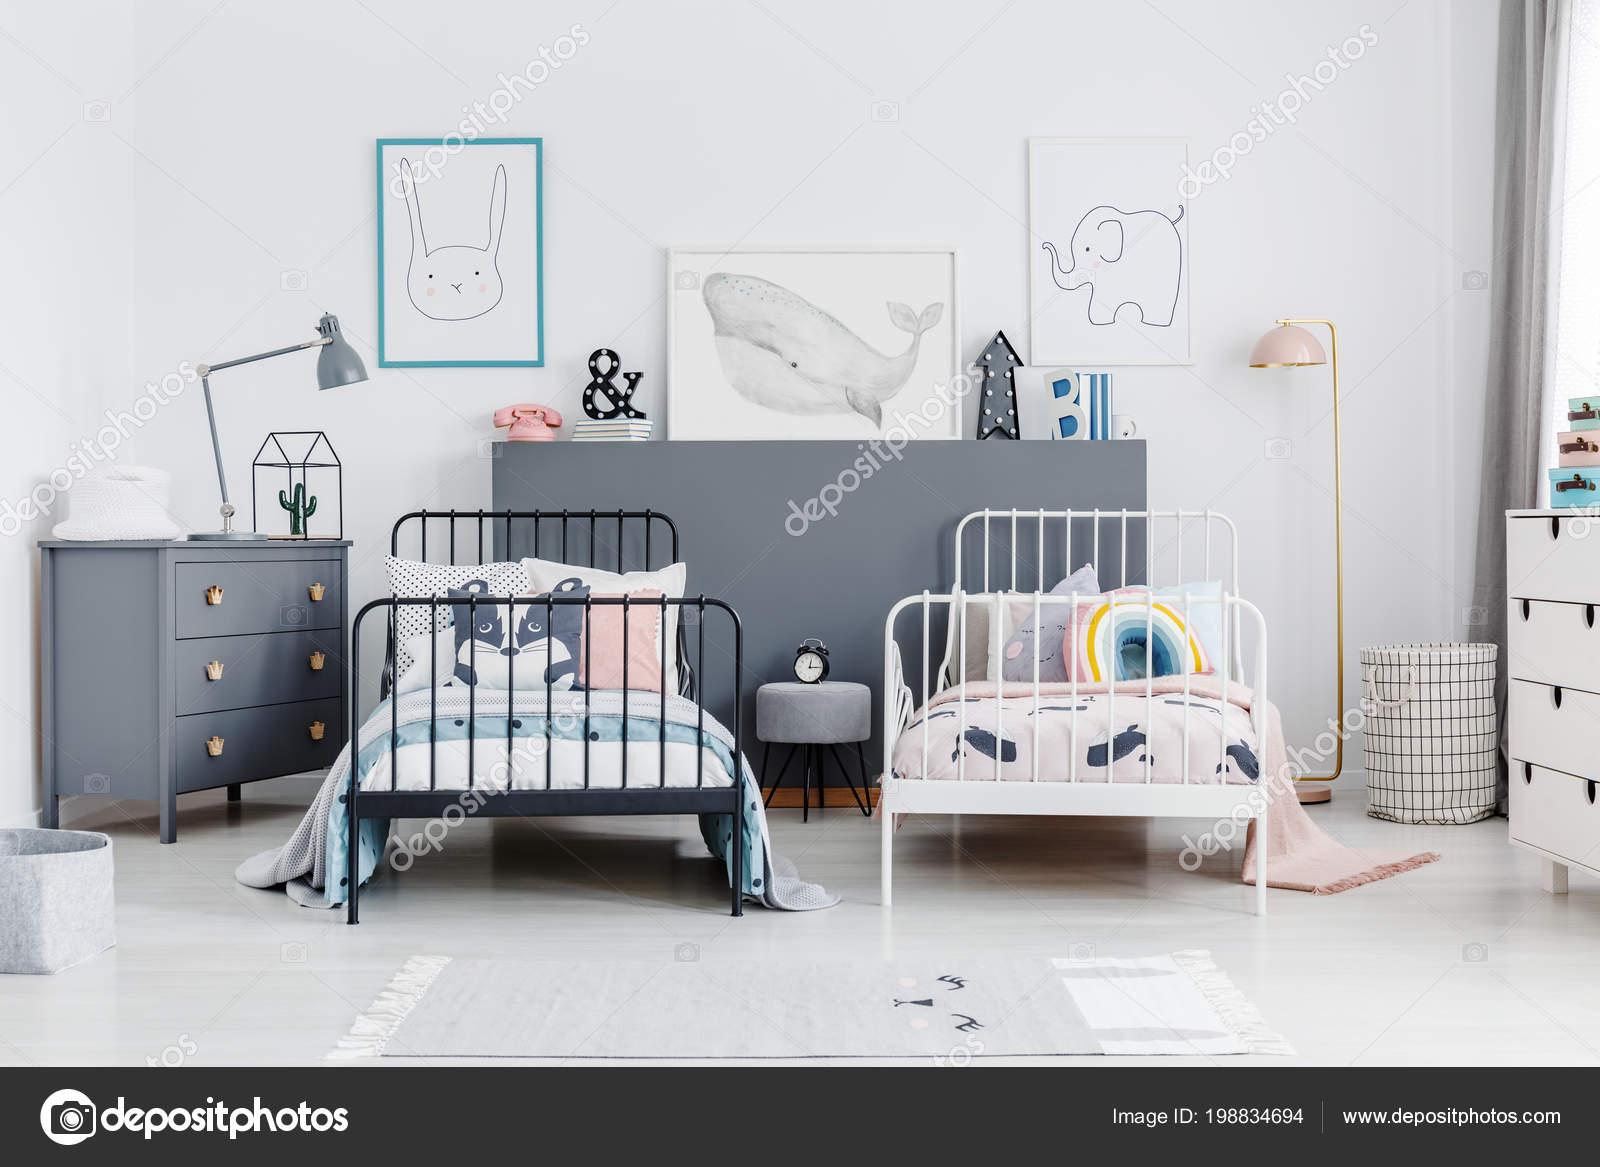 Schwarz Weiss Bett Geschwister Schlafzimmer Innenraum Mit Grau